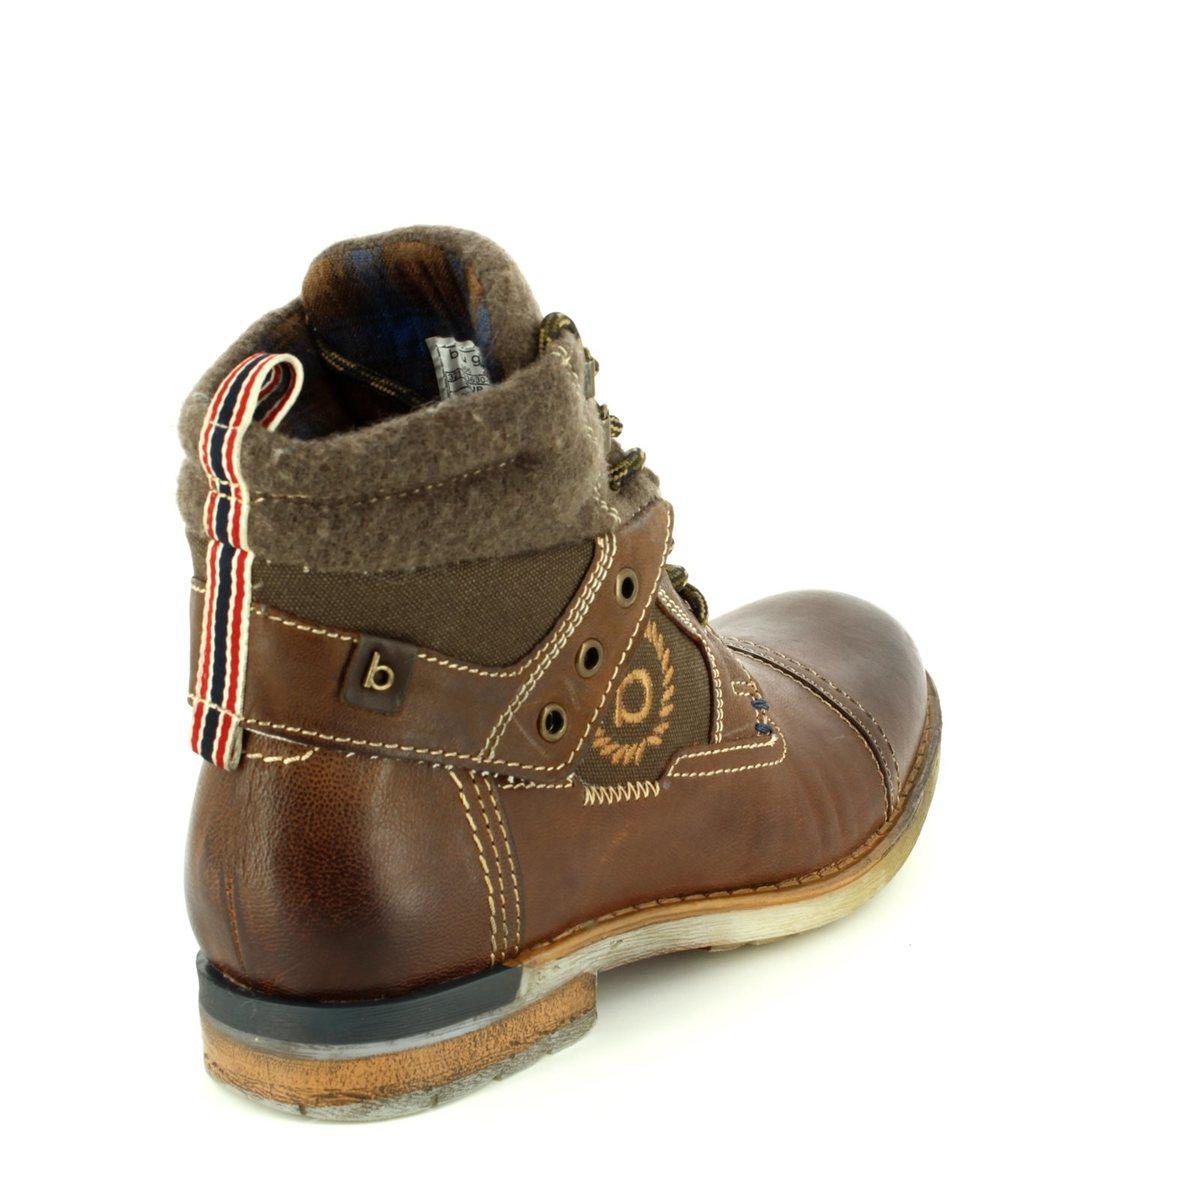 bugatti sub evo 33630-6161 dark brown boots